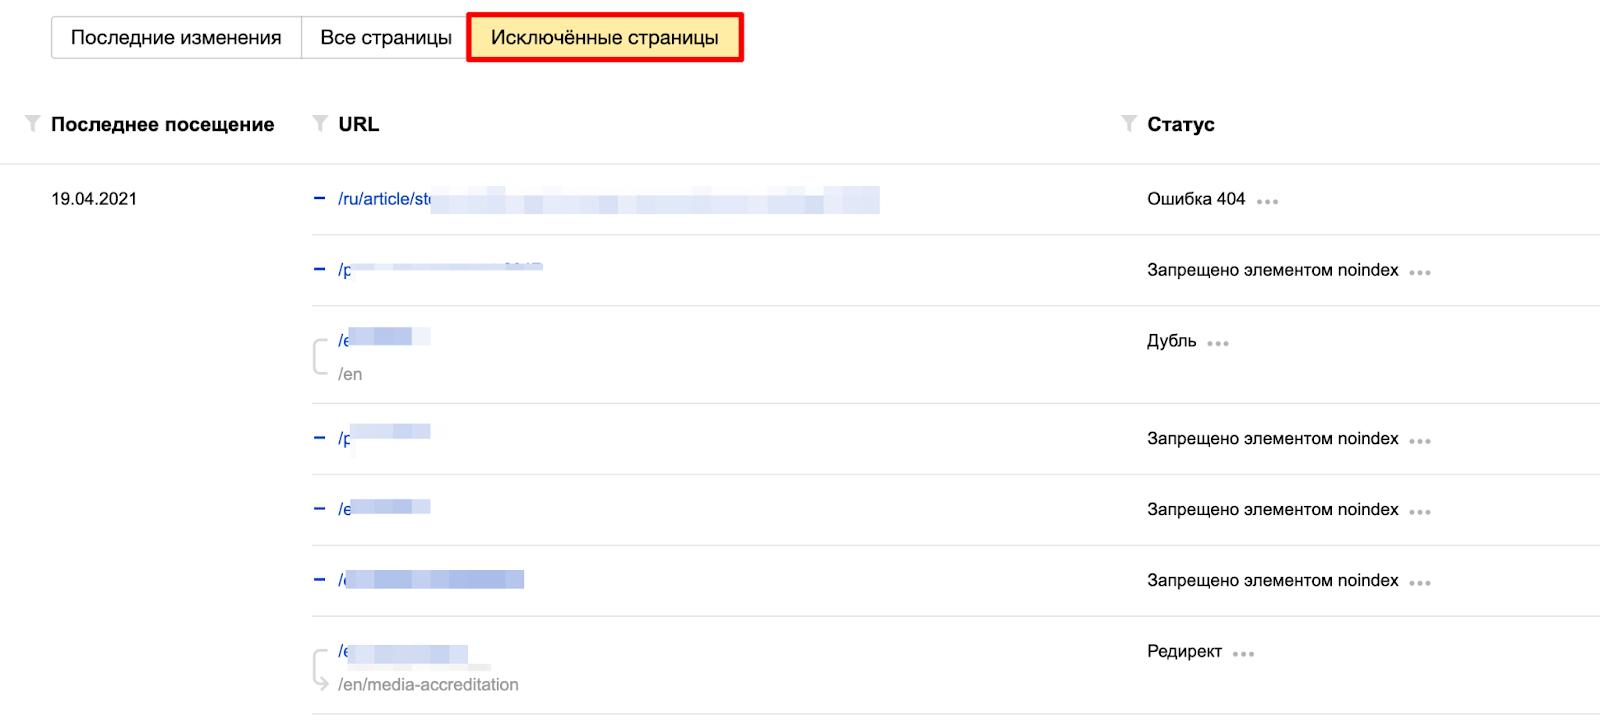 Исключенные страницы в Яндекс.Вебмастере